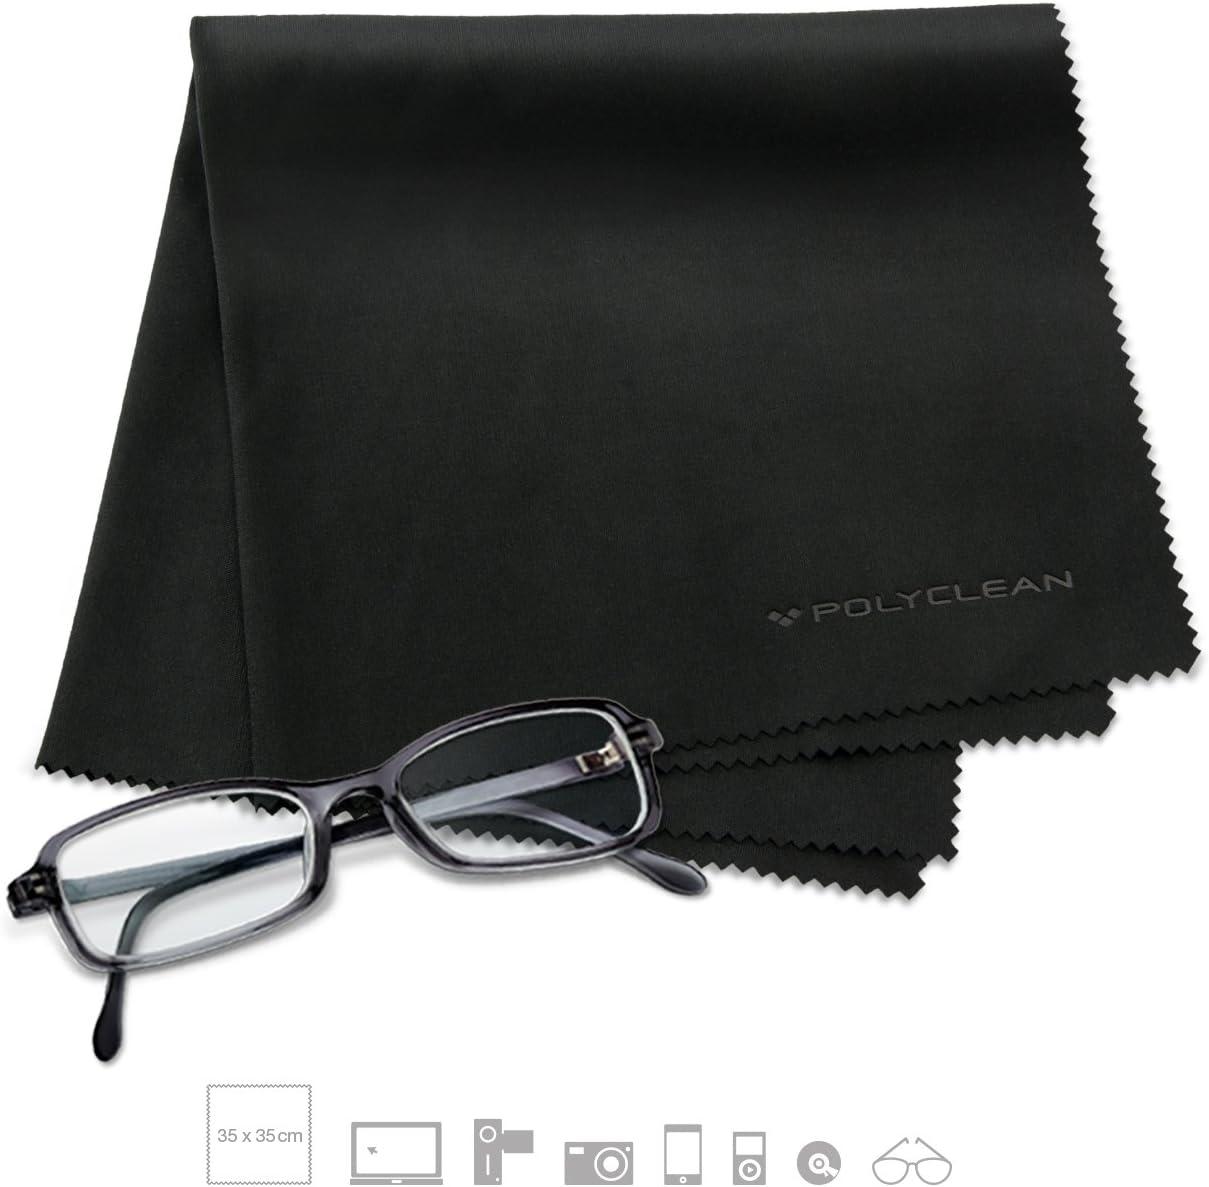 Polyclean Chiffons en microfibre//chiffon pour verre Iphone ordinateur portable Samsung smartphone avec /écran tactile Lunettes de lunettes de ordinateur portable 6 S Ipad tablette noir MacBook LCD///écran LED appareil photo Objectif